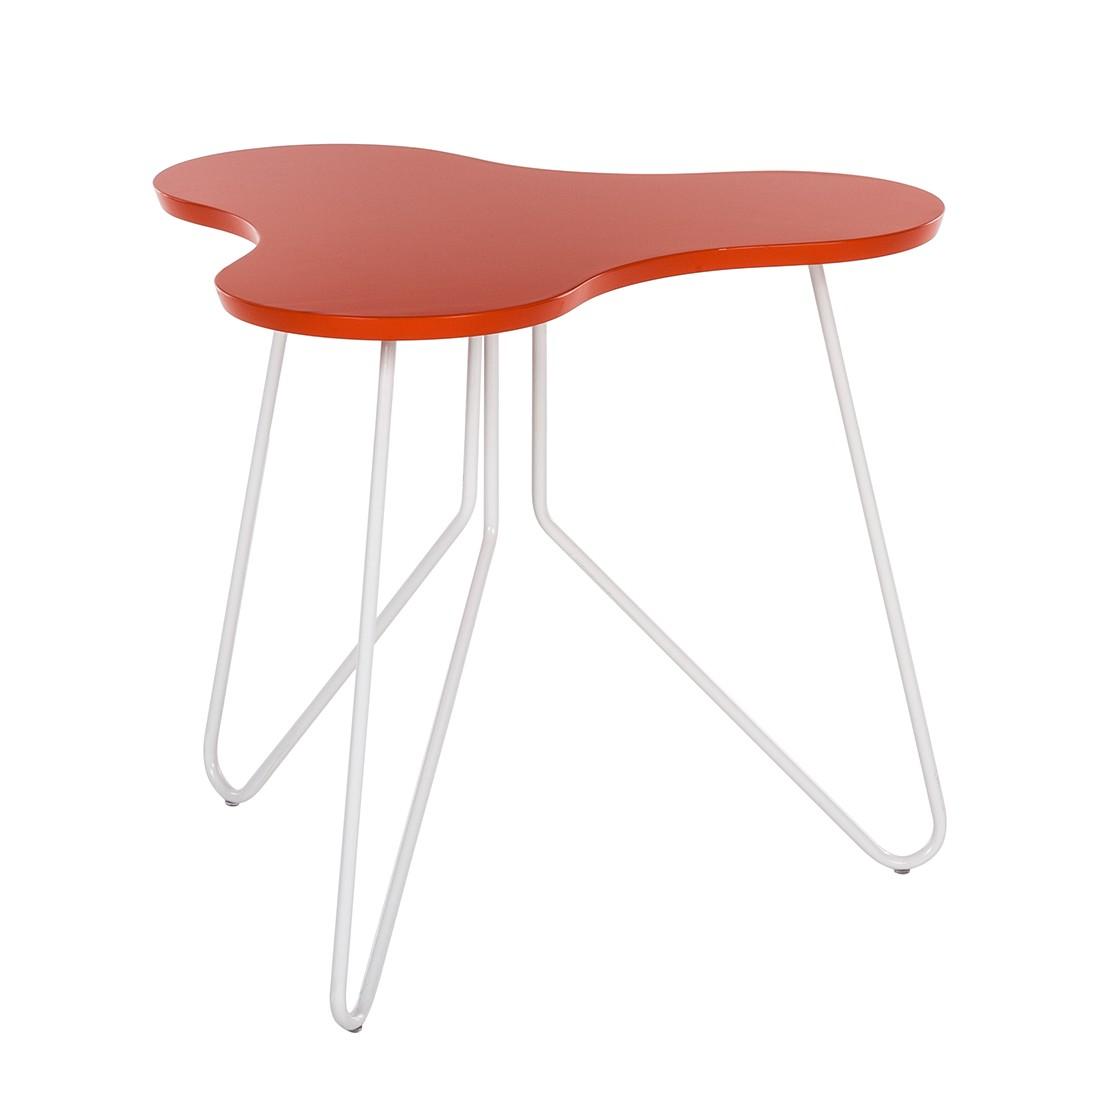 Beistelltisch fadi orange wei re concept g nstig kaufen for Beistelltisch orange